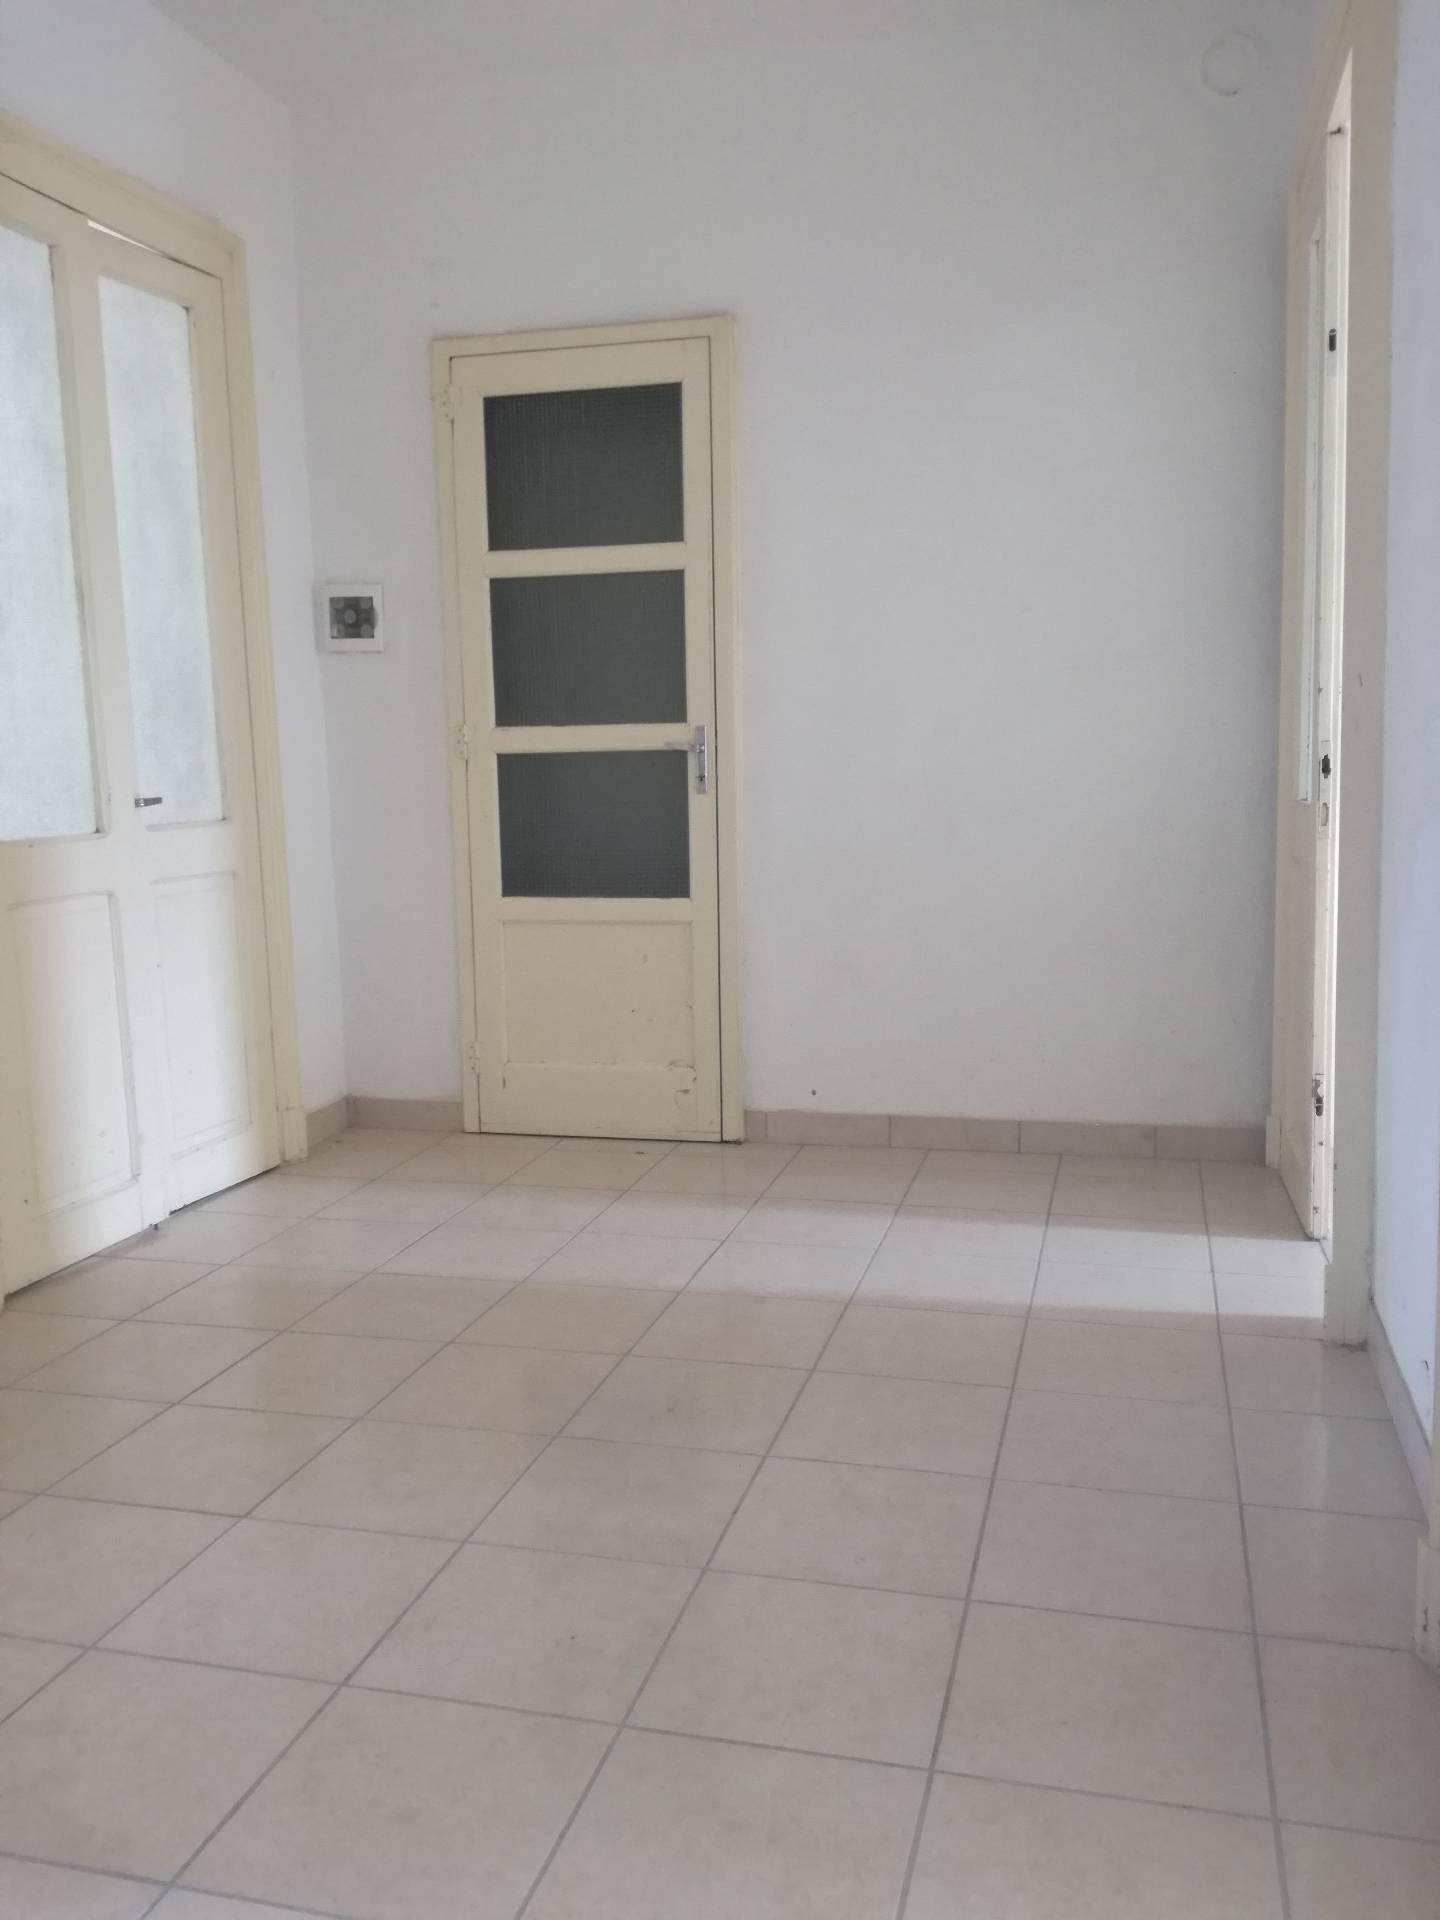 Appartamento in affitto a Valmacca, 4 locali, prezzo € 250 | CambioCasa.it